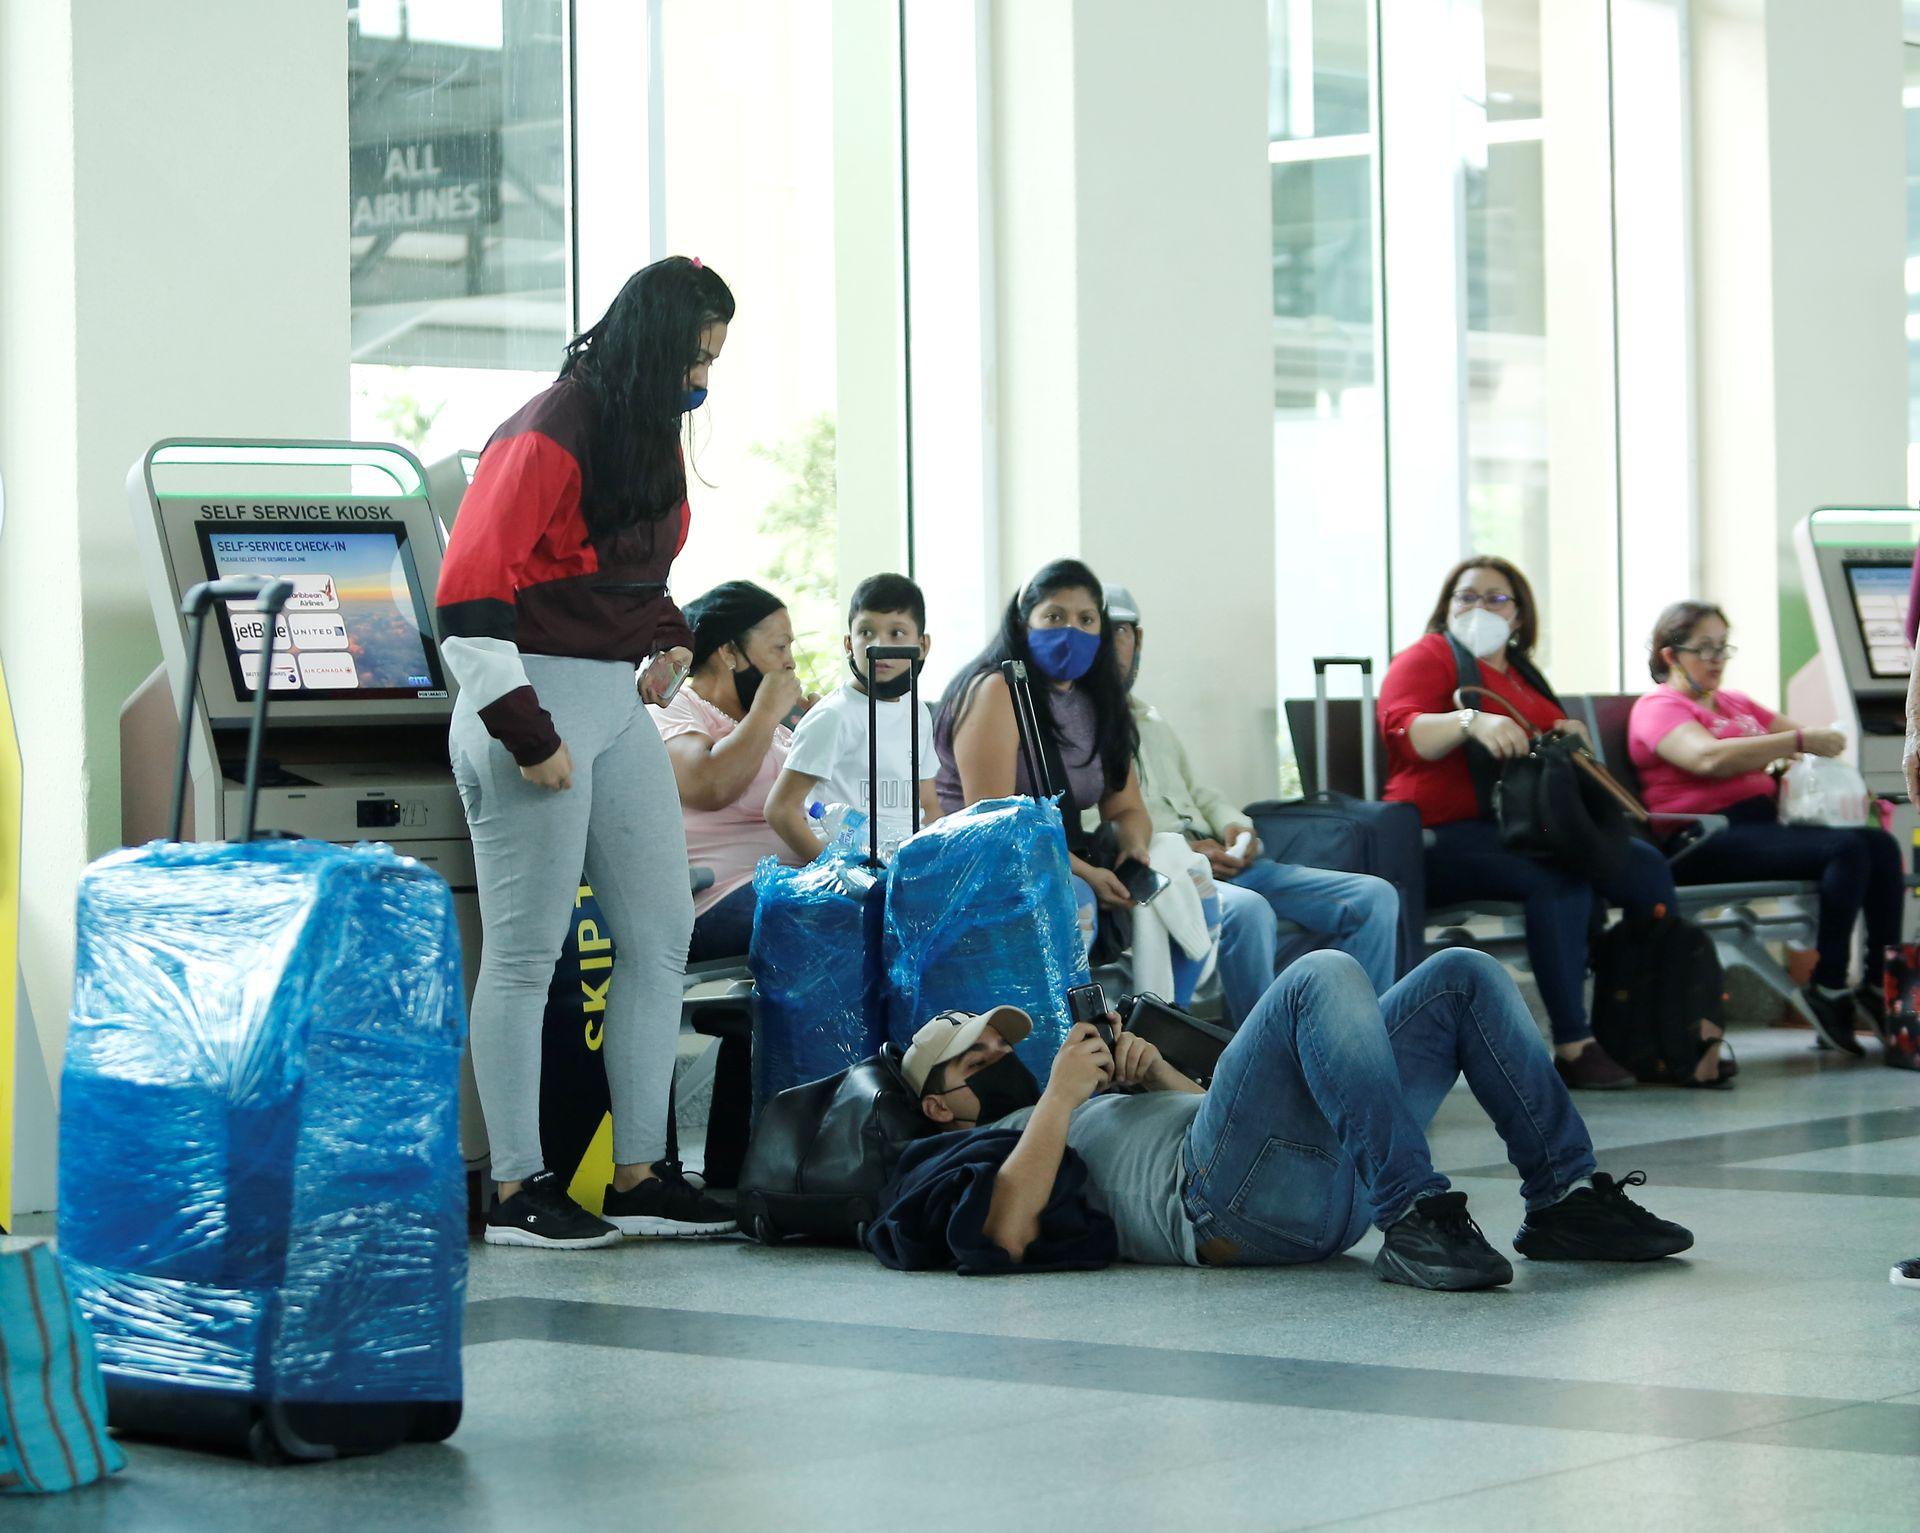 Venezuelans stranded in Trinidad over US sanctions against airline